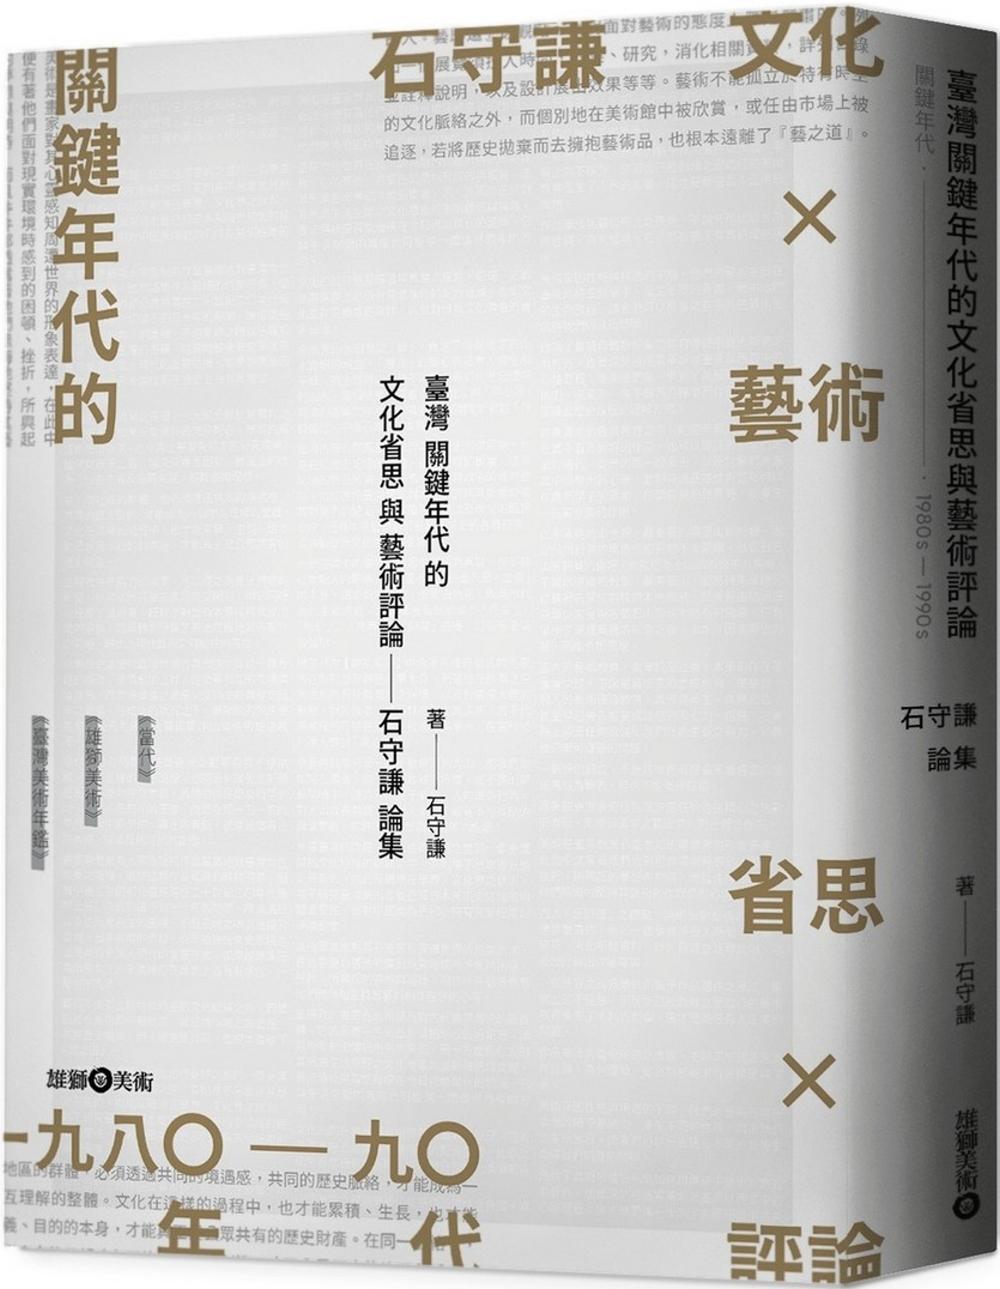 臺灣關鍵年代的文化省思與藝術評論:石守謙論集